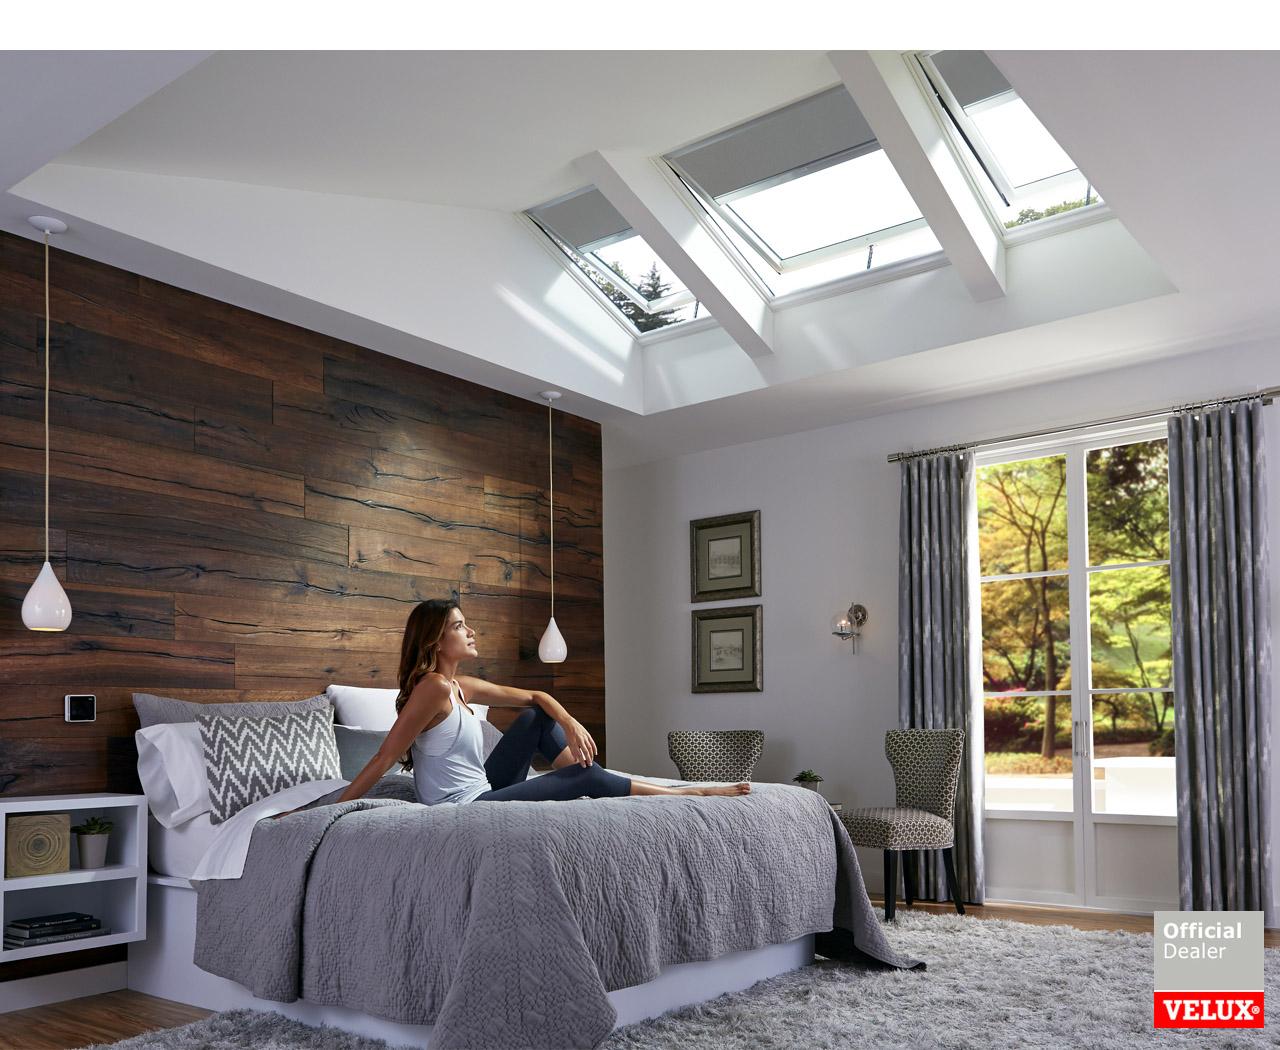 Zonwering Slaapkamer 15 : Vereiken zonwering uw velux raamdecoratie dealer van helmond tel